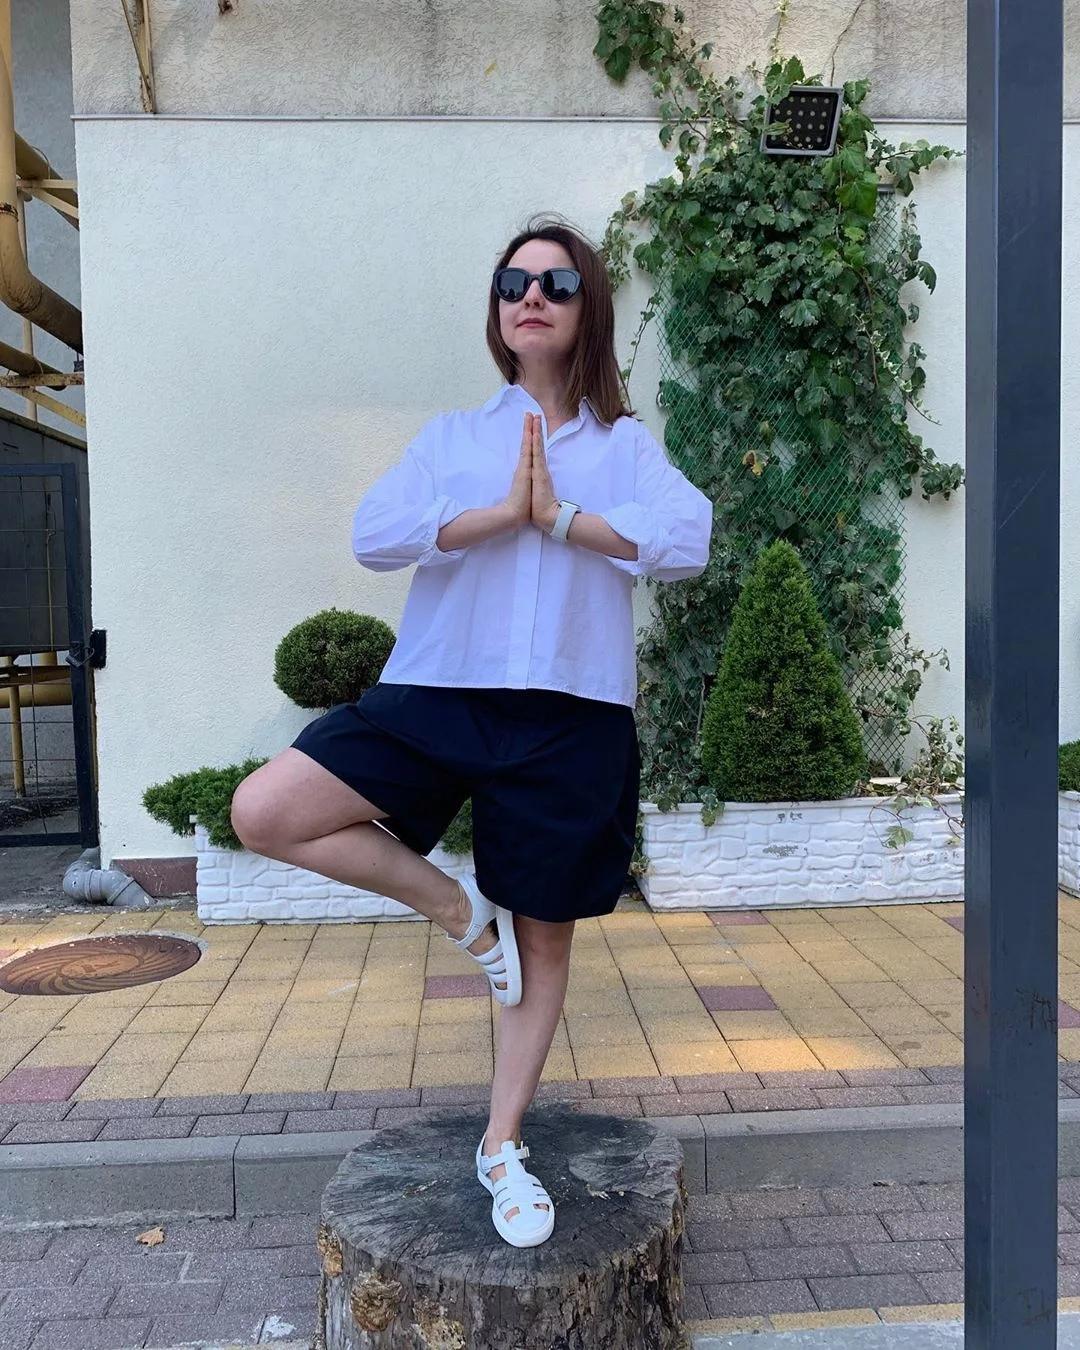 Звезда «Универа» Валентина Рубцова ведет здоровый образ жизни